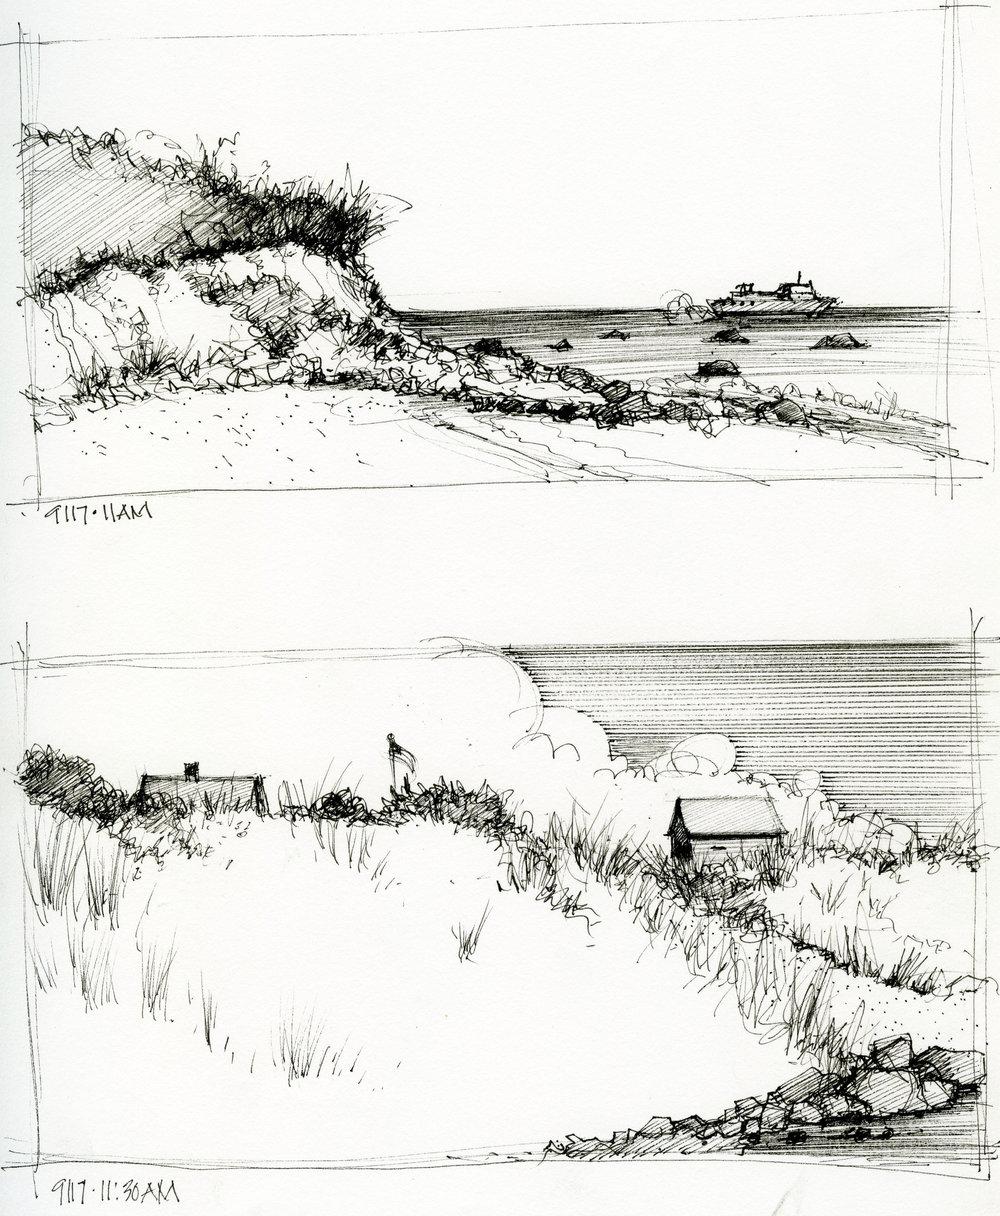 sketchbook drawing.jpg